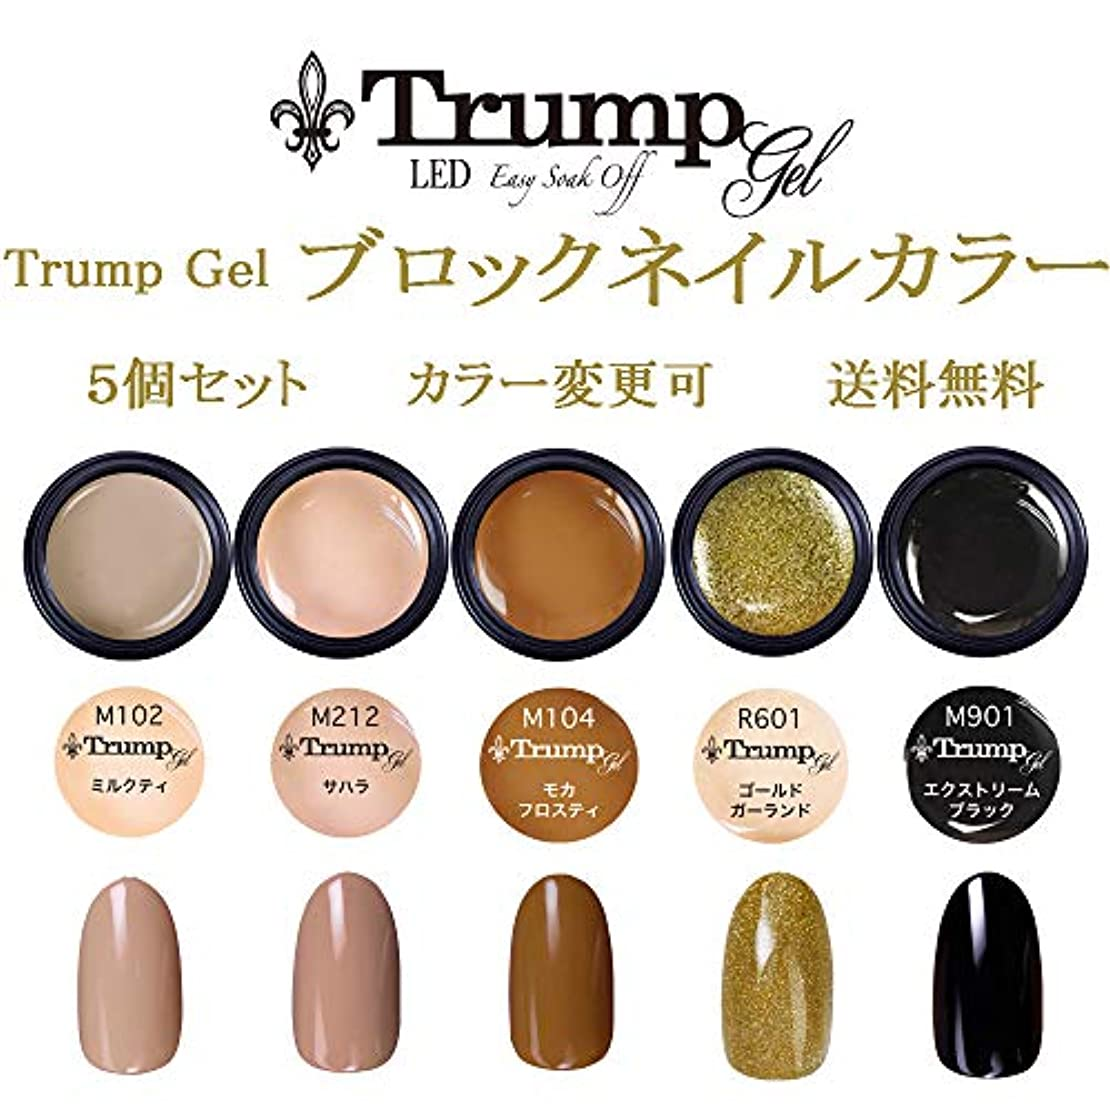 絶滅させる降臨バスルーム日本製 Trump gel トランプジェル ブロックネイル 選べる カラージェル 5個セット ゴールド ラメ ブラウン ブラック ピンク ベージュ